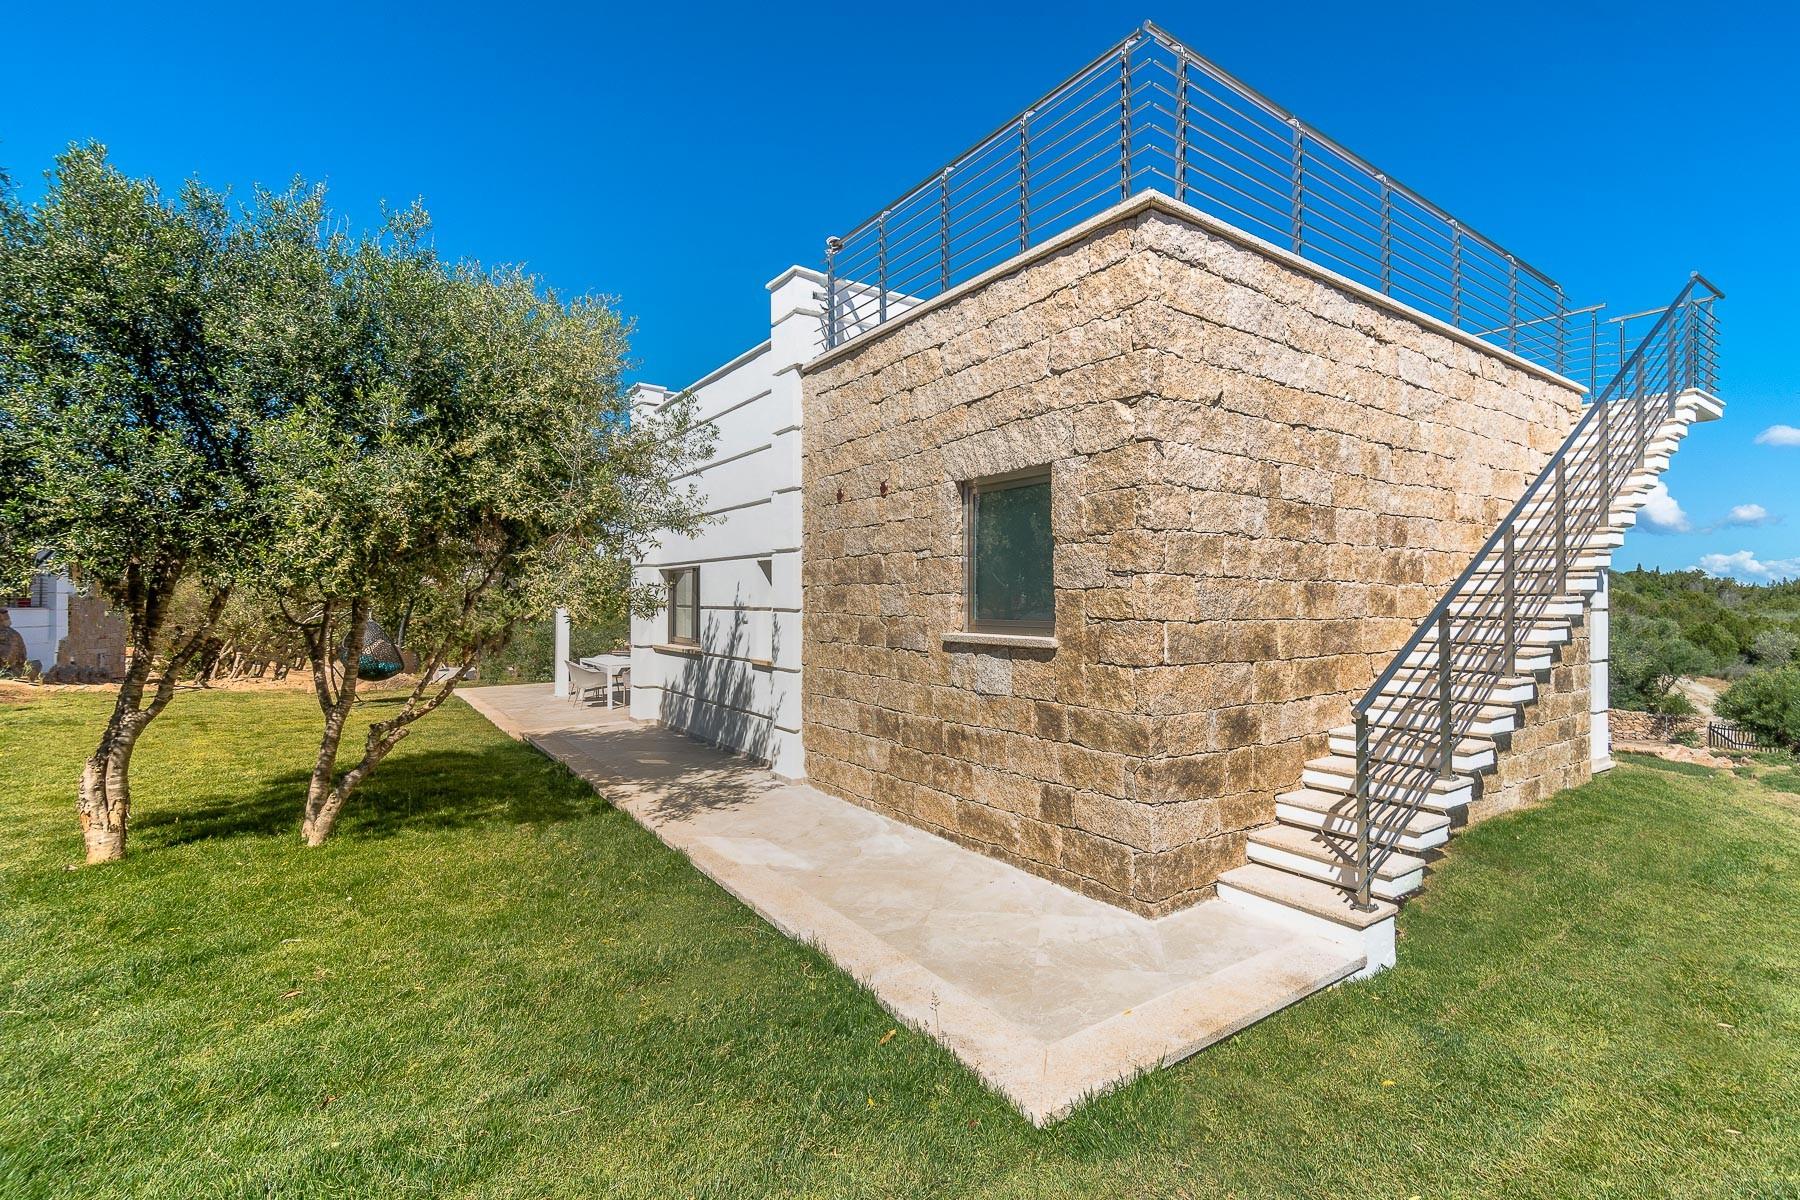 Villa in Vendita a Arzachena: 4 locali, 211 mq - Foto 20